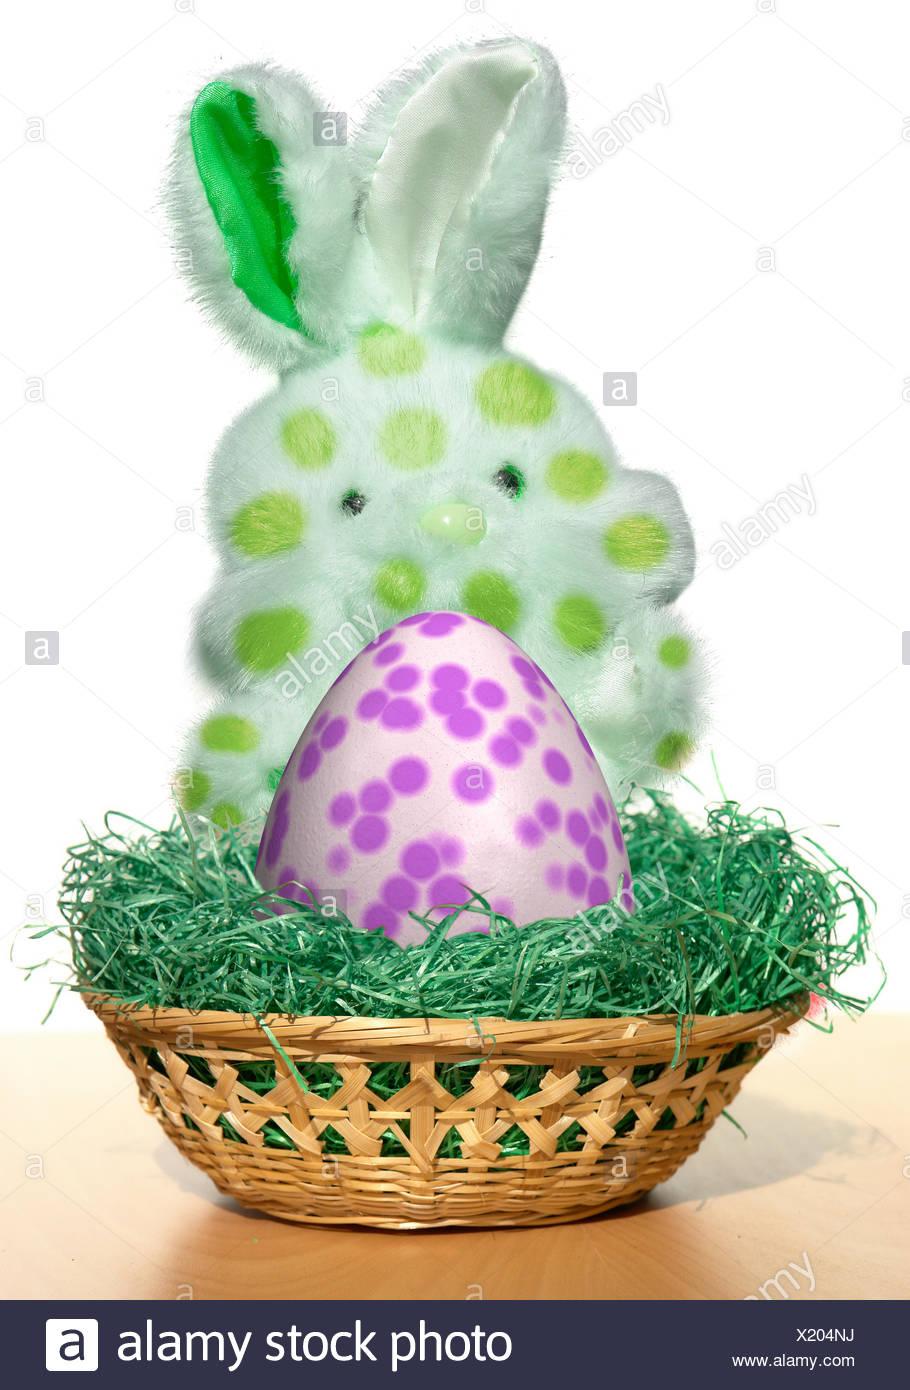 Witz Affinität Witzig Ostern Hase Nisten Bruder Osterhasen